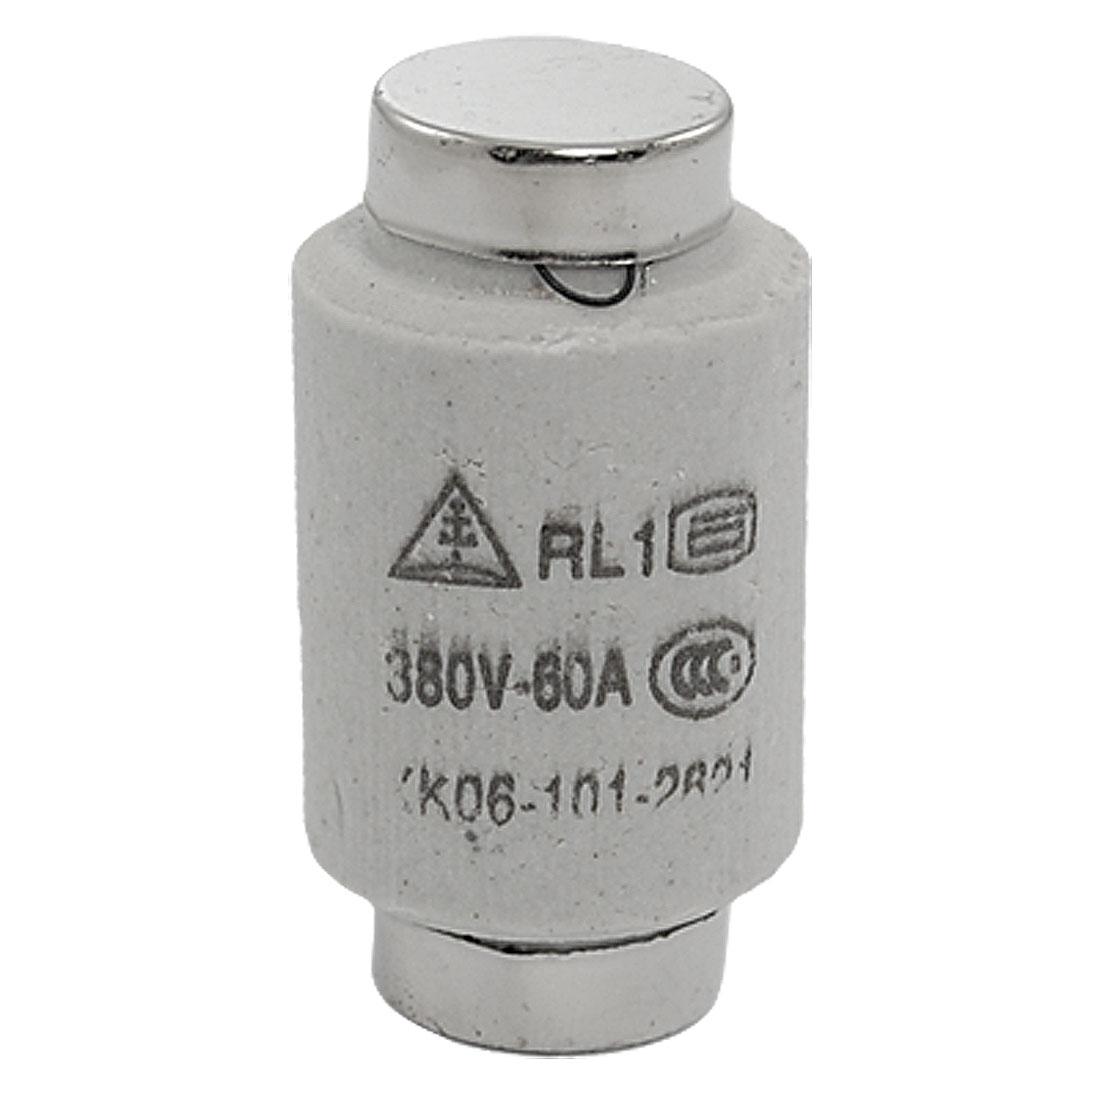 AC 380V 60A Ceramic Screw Type Fuse Link RL1